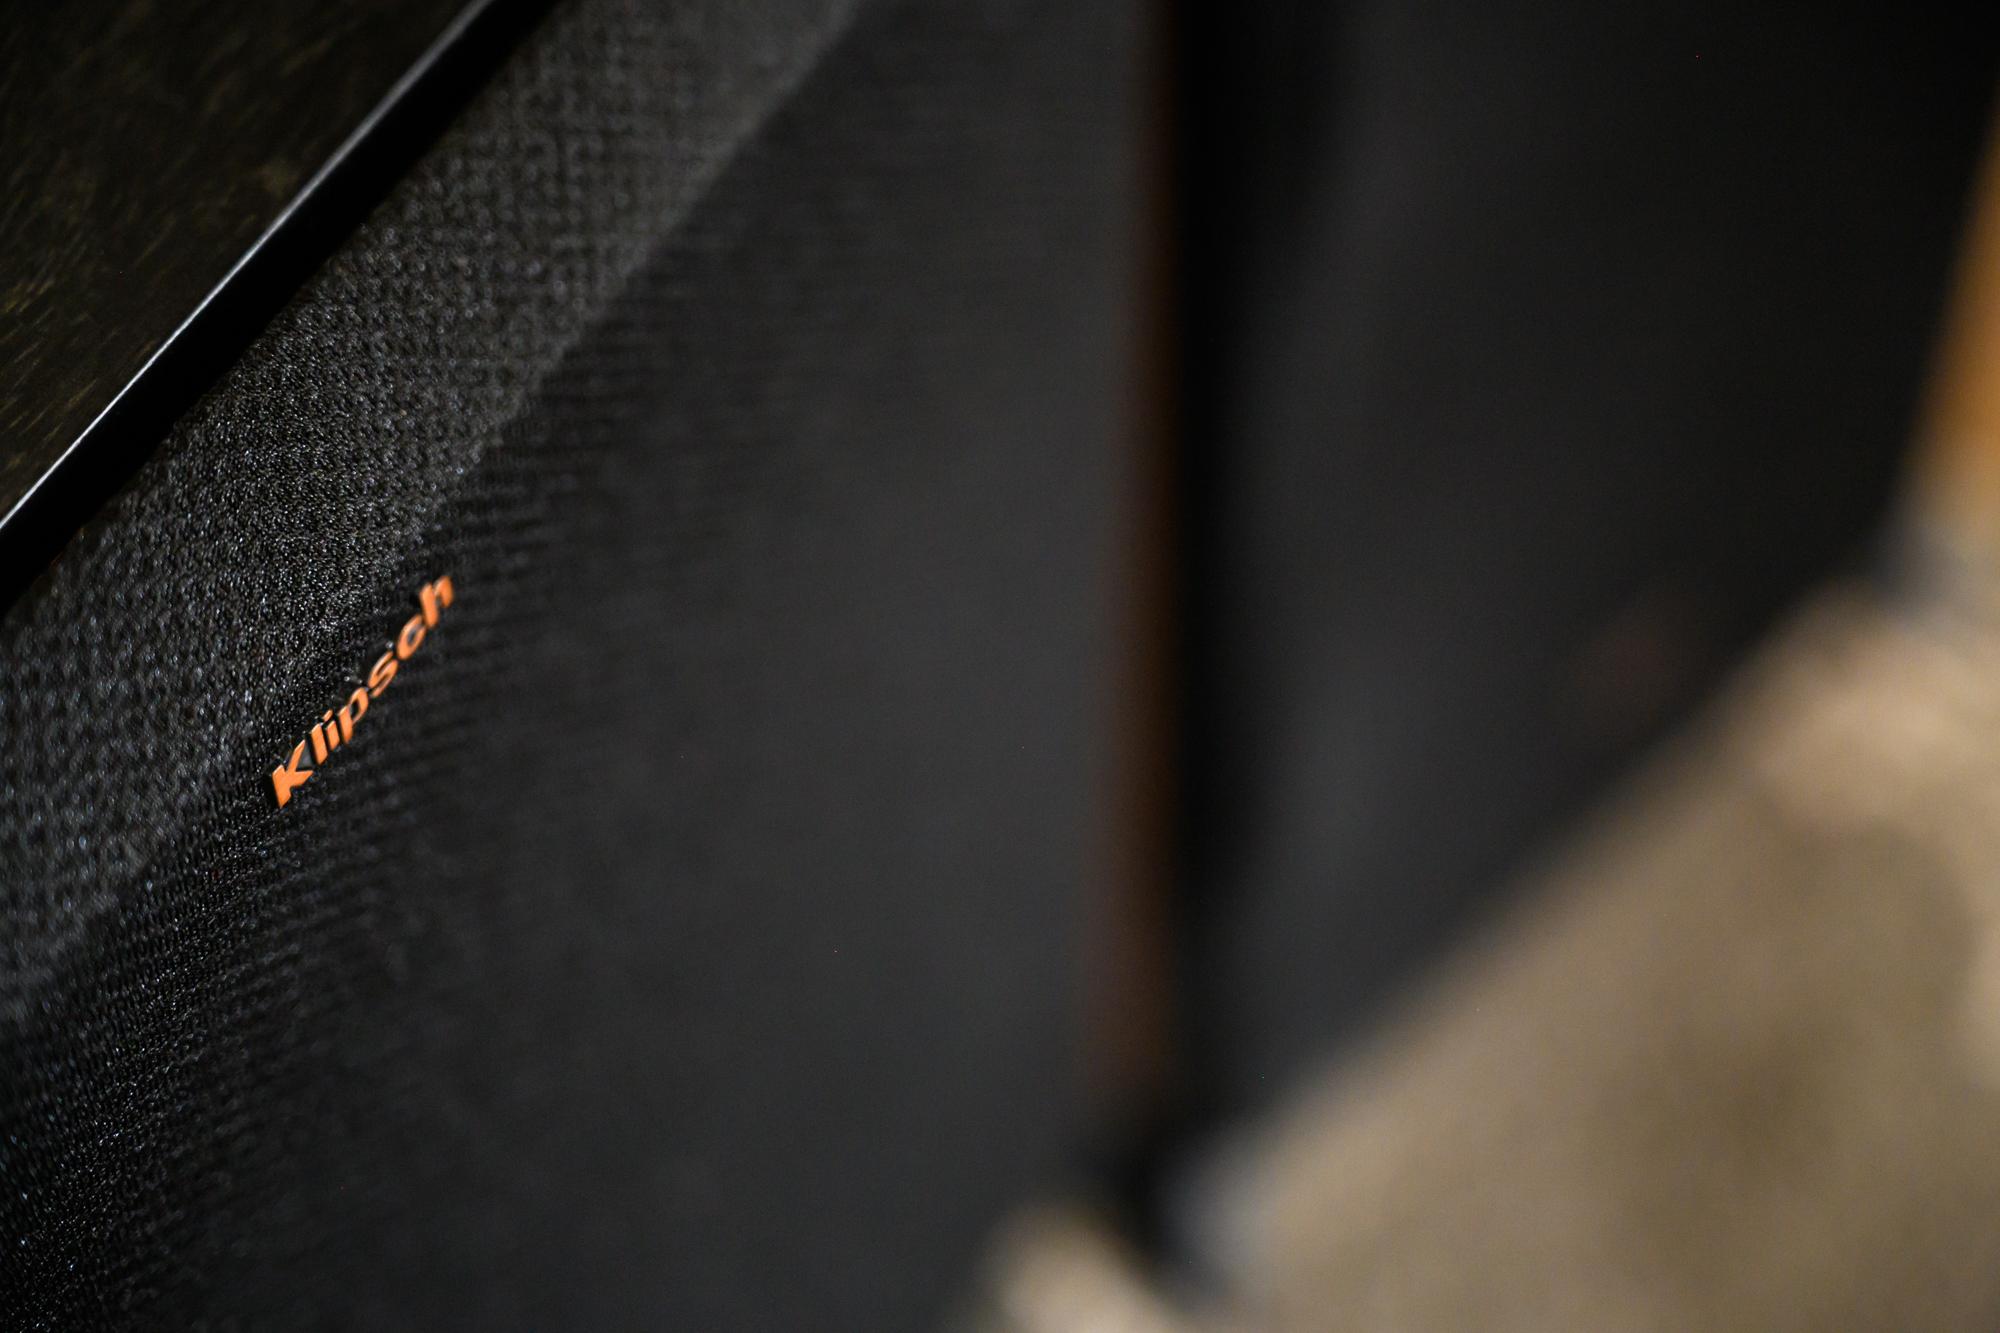 Klipsch SPL-120 Subwoofer Gear Review | High-Def Digest